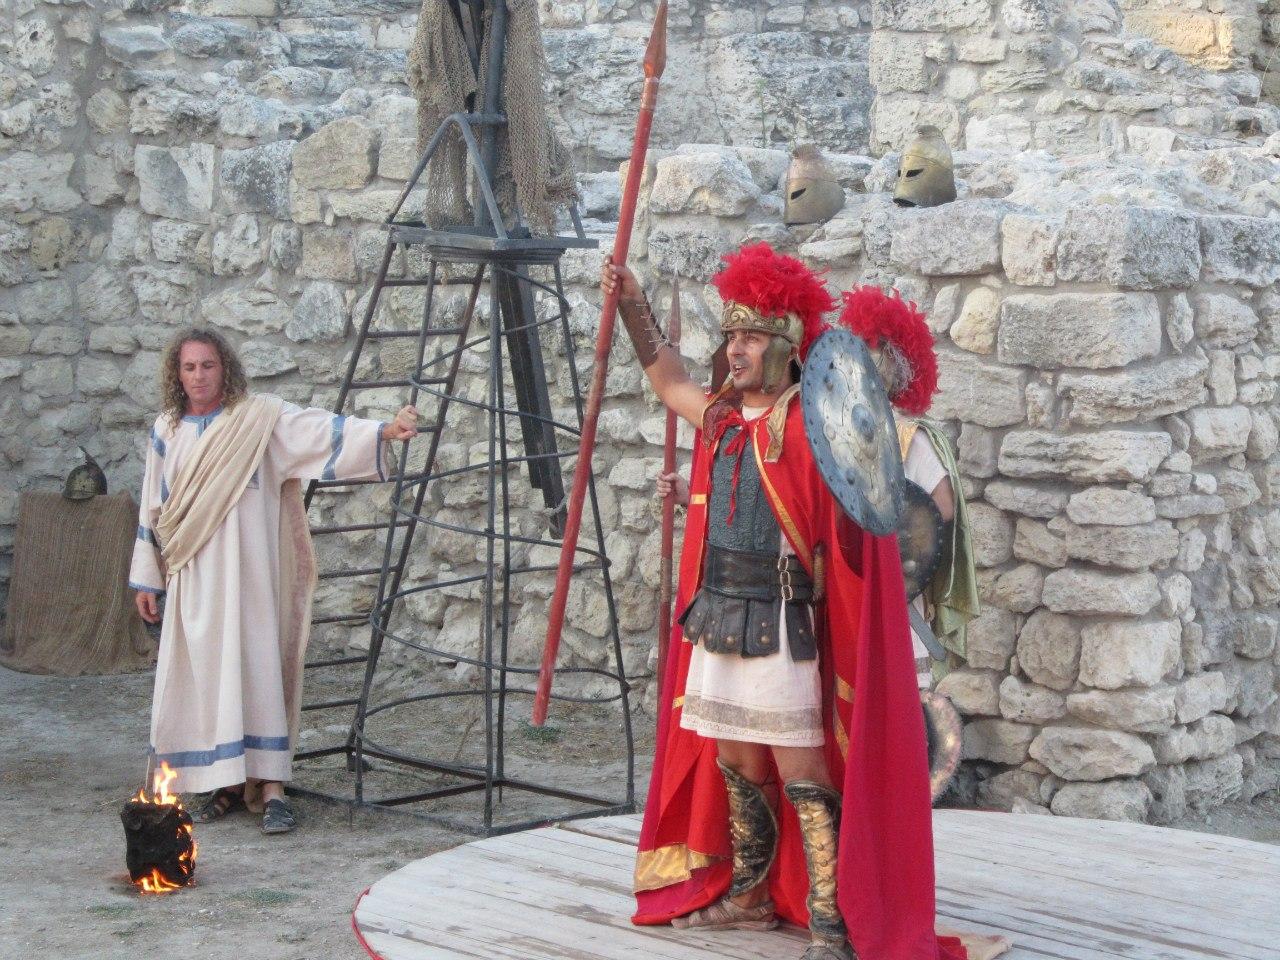 А вы были в античном театре?